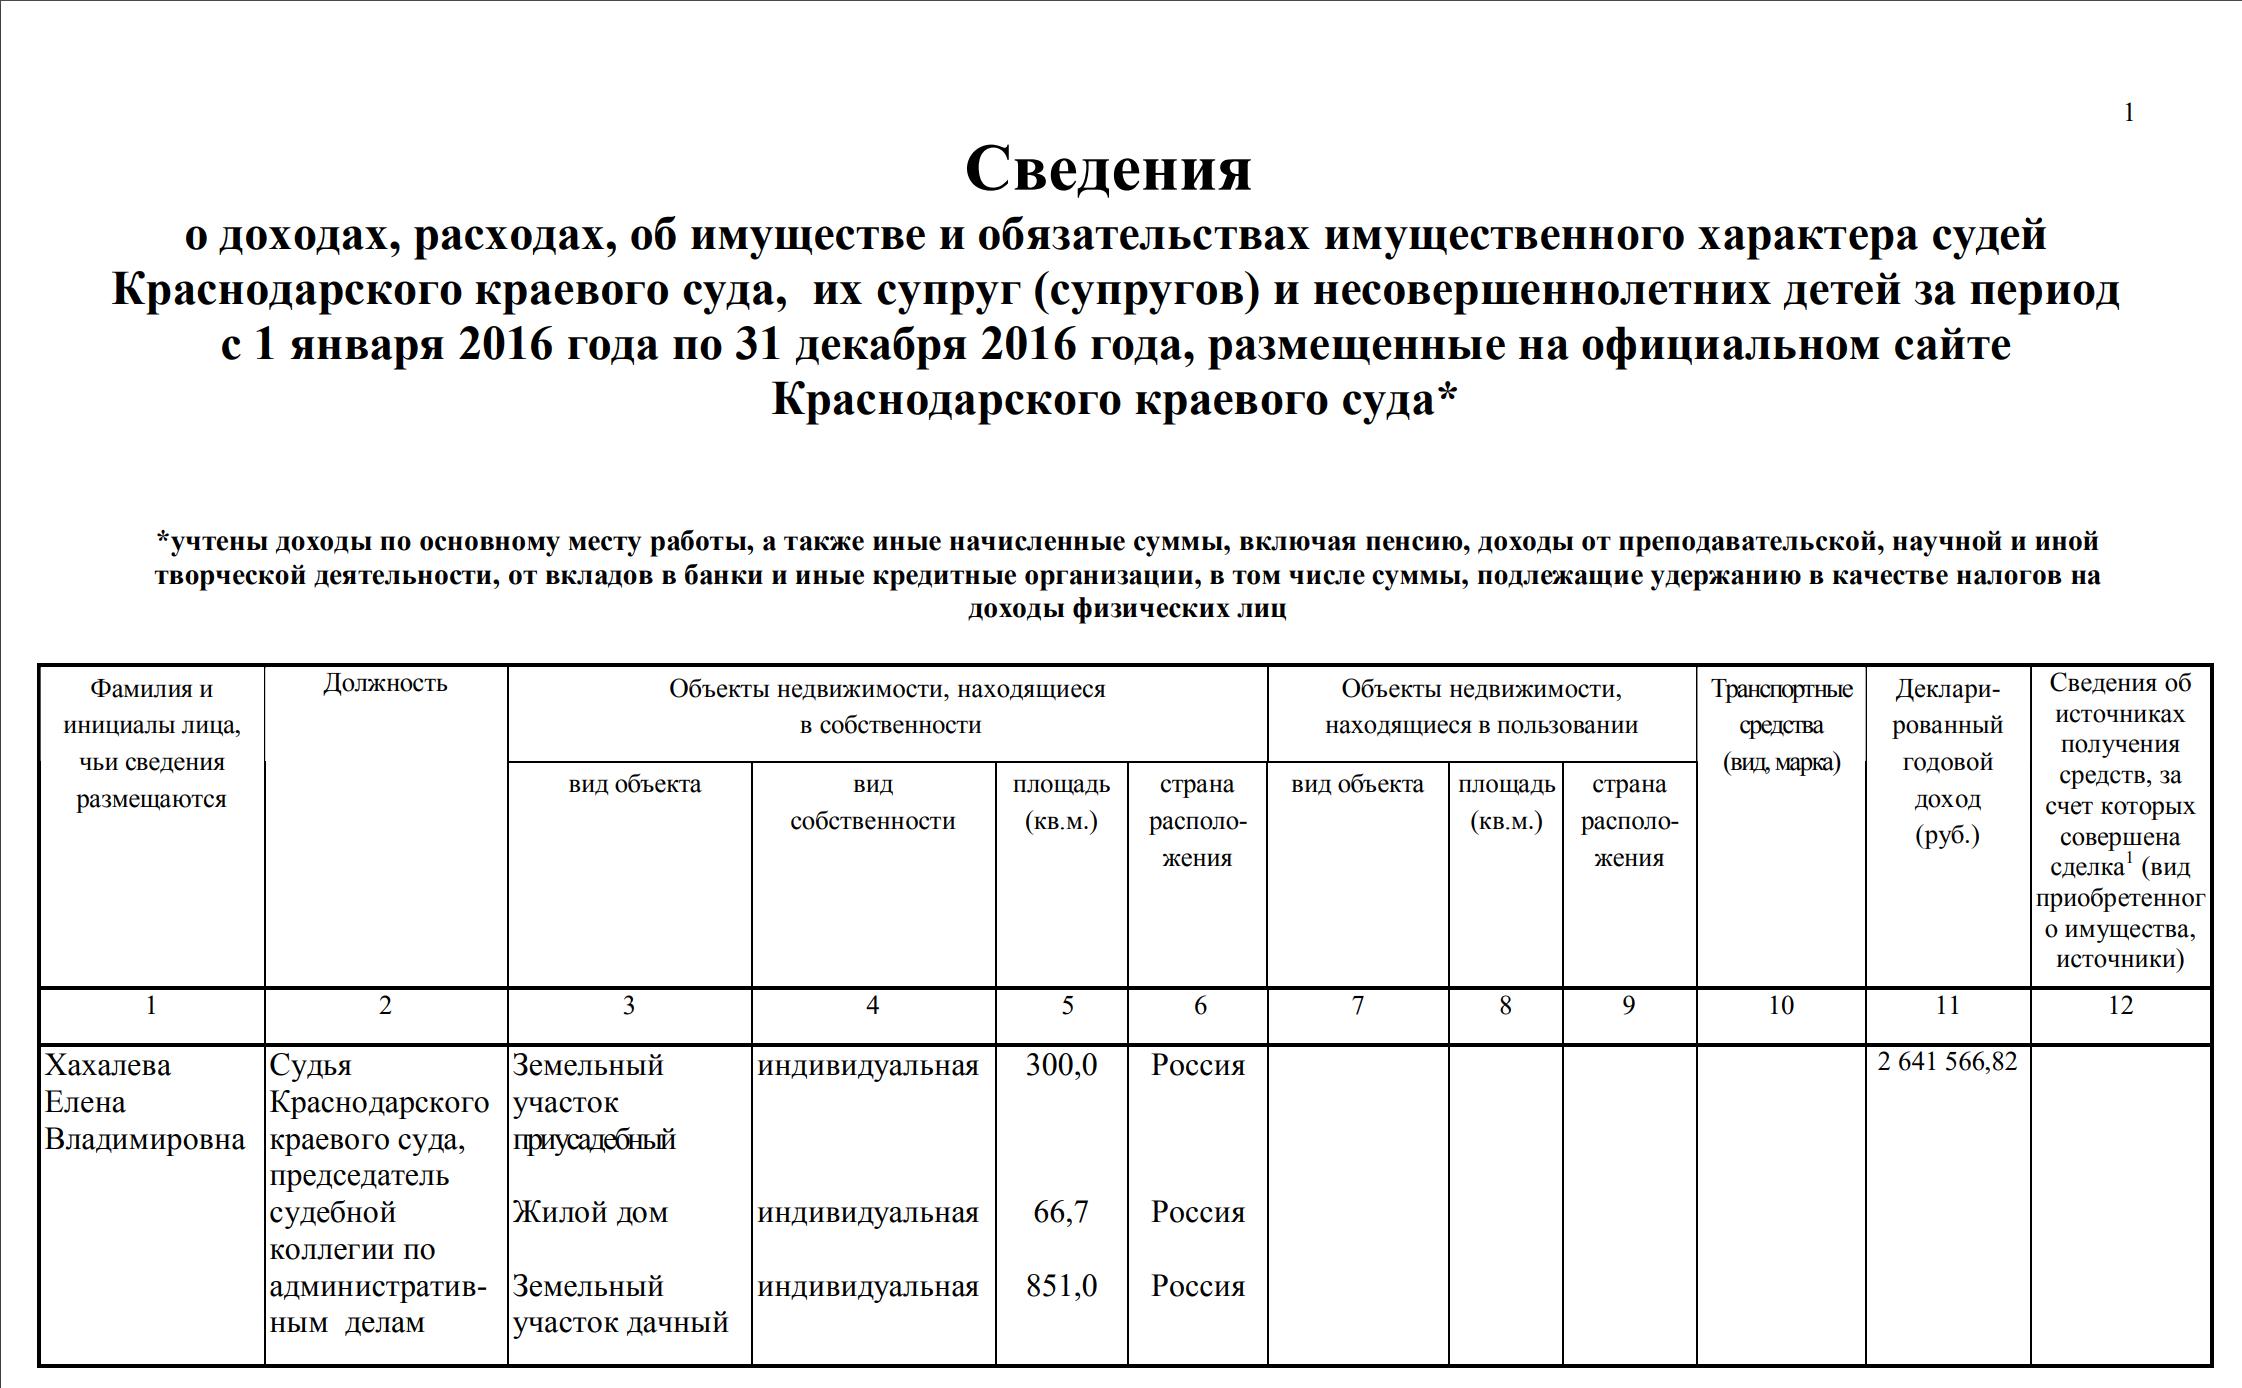 Судья Хахалева задекларировала 2,6 млн руб. в этом году. Свадьбу ее дочери оценили в $2 млн